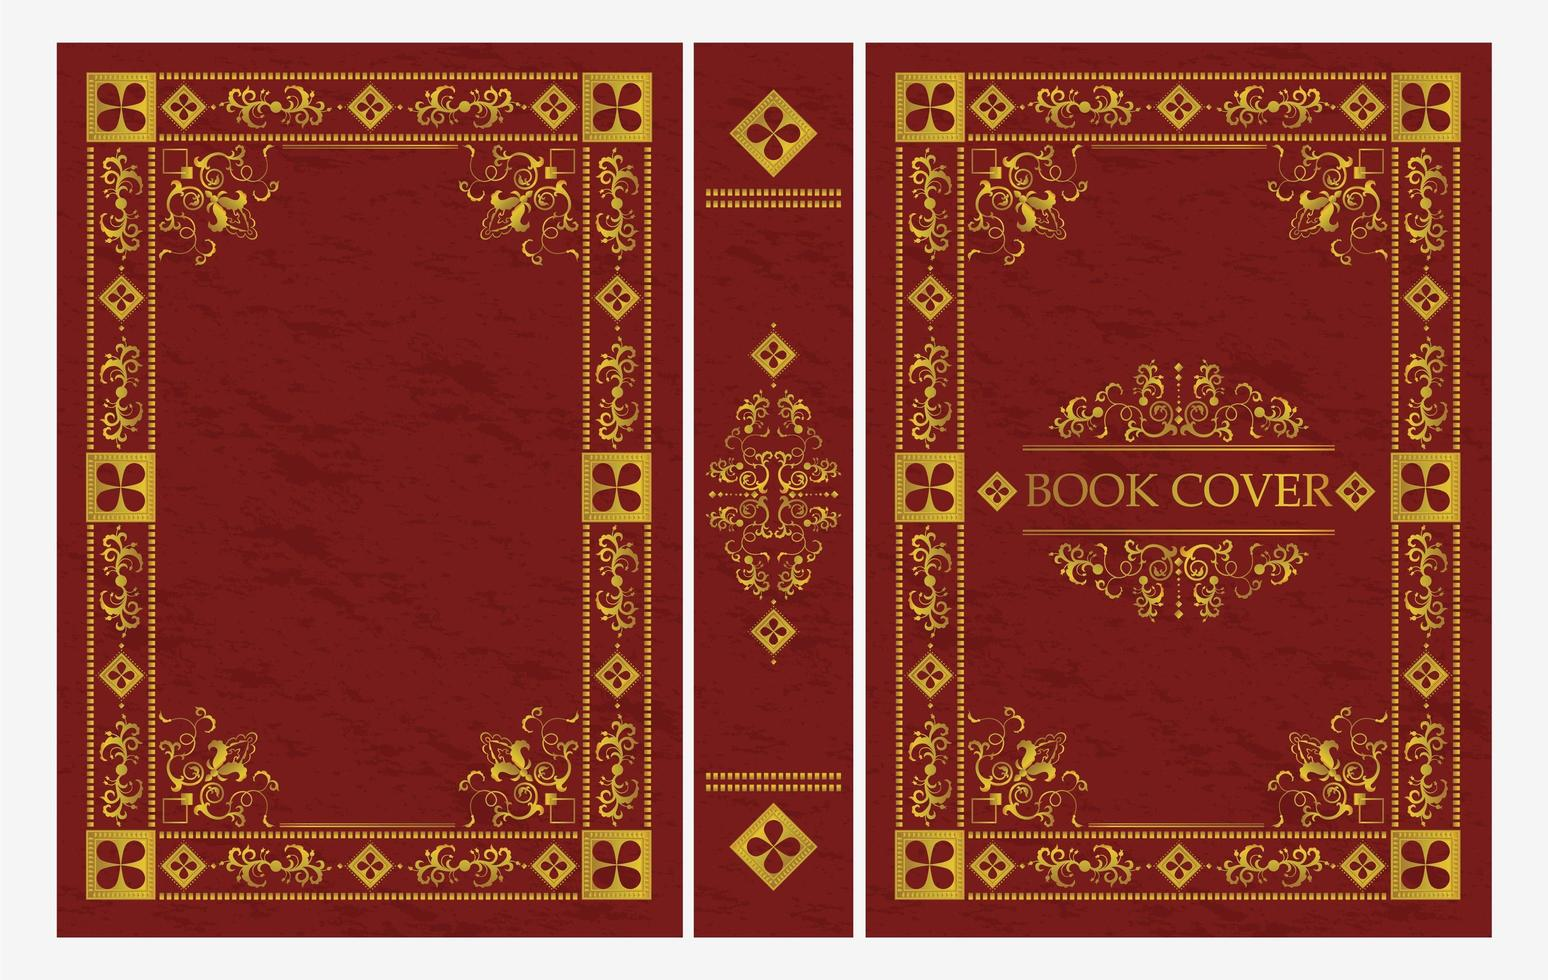 ornamento rosso e oro della copertina del libro classico vettore